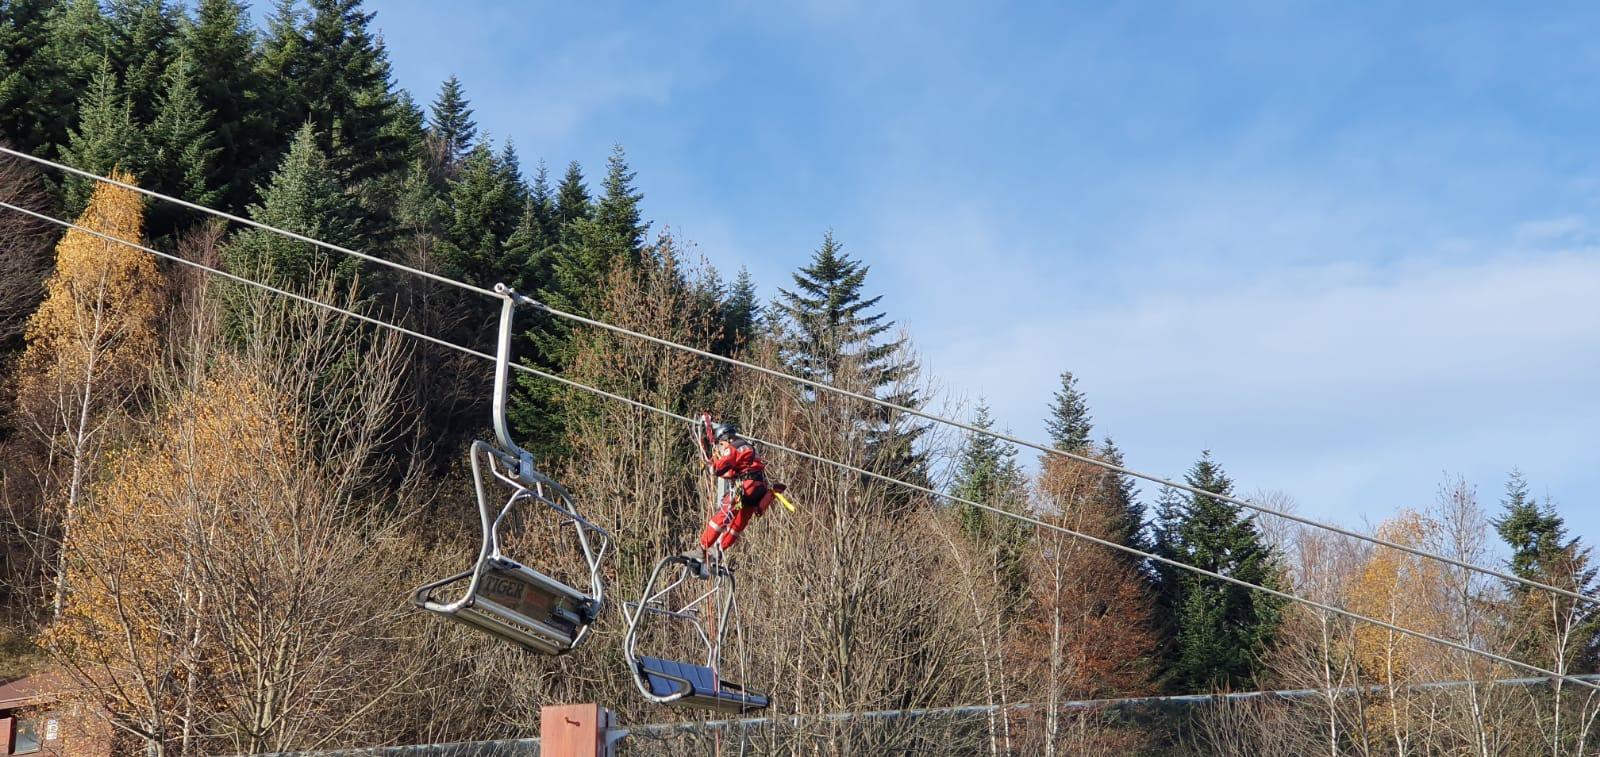 Sezon narciarski coraz bliżej, goprowcy ćwiczyli ewakuację z wyciągu [FOTO]